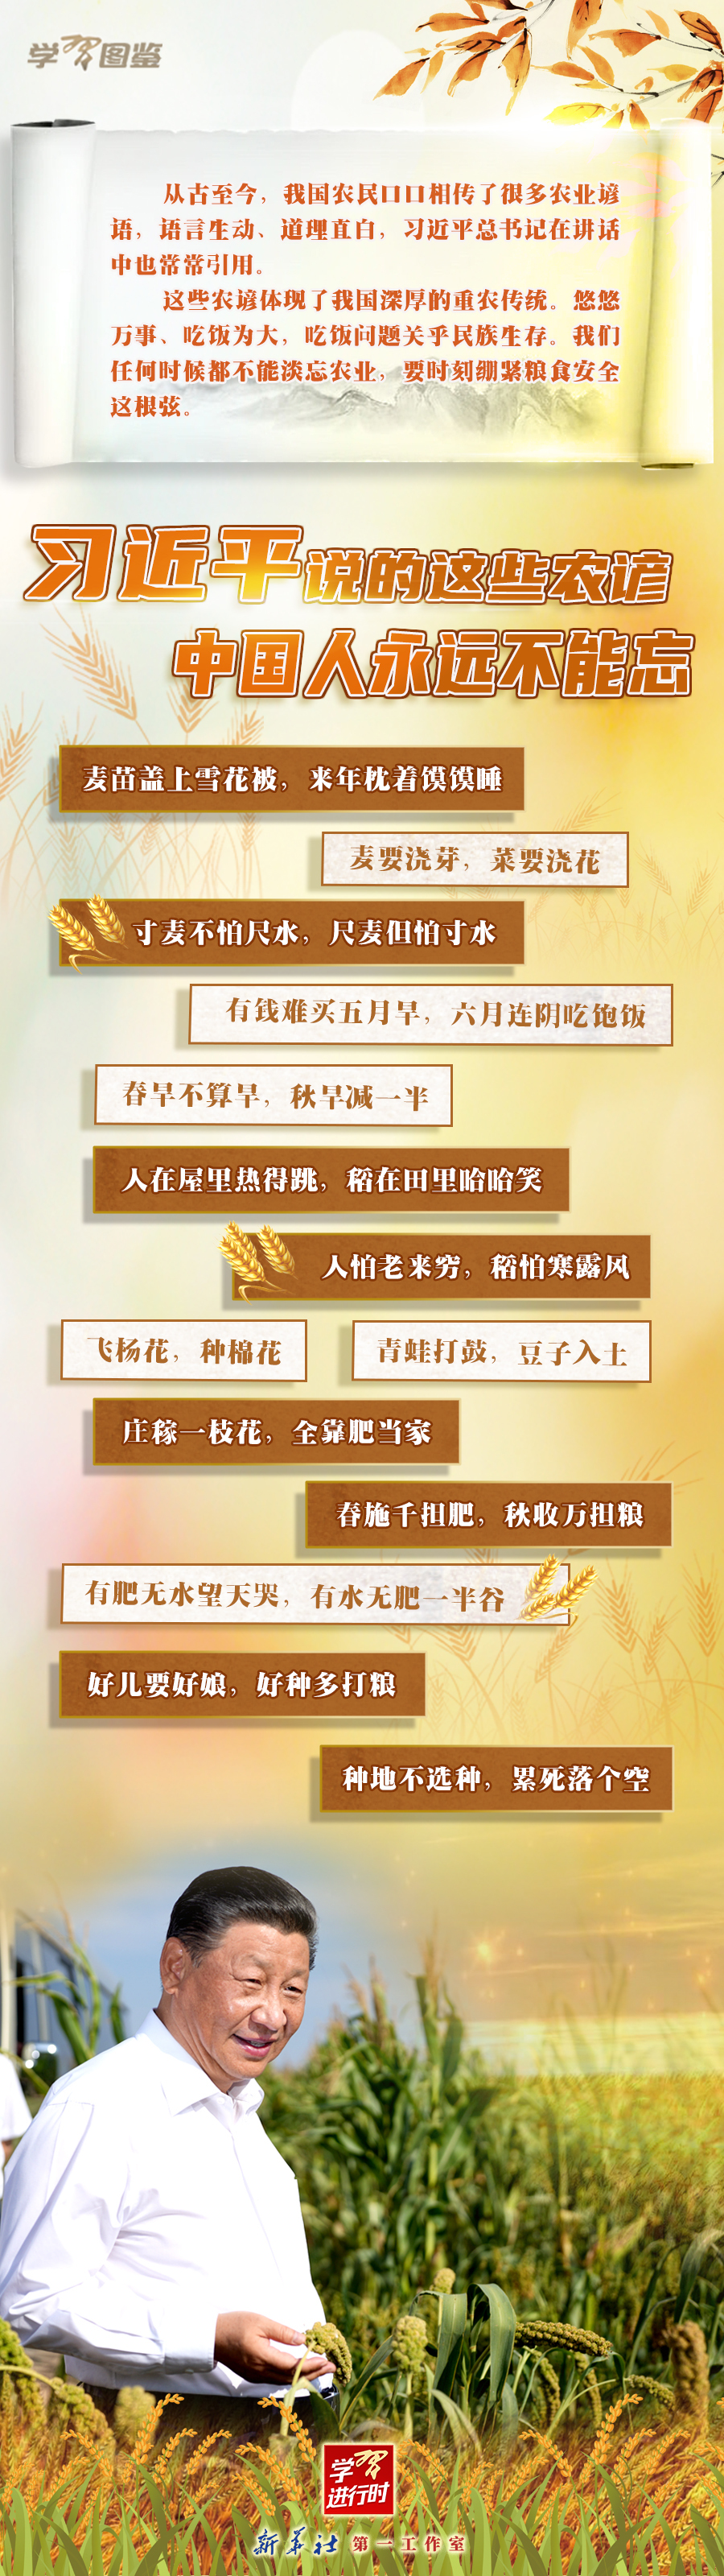 學習進行時|習近平說的這些農諺,中國人永遠不能忘